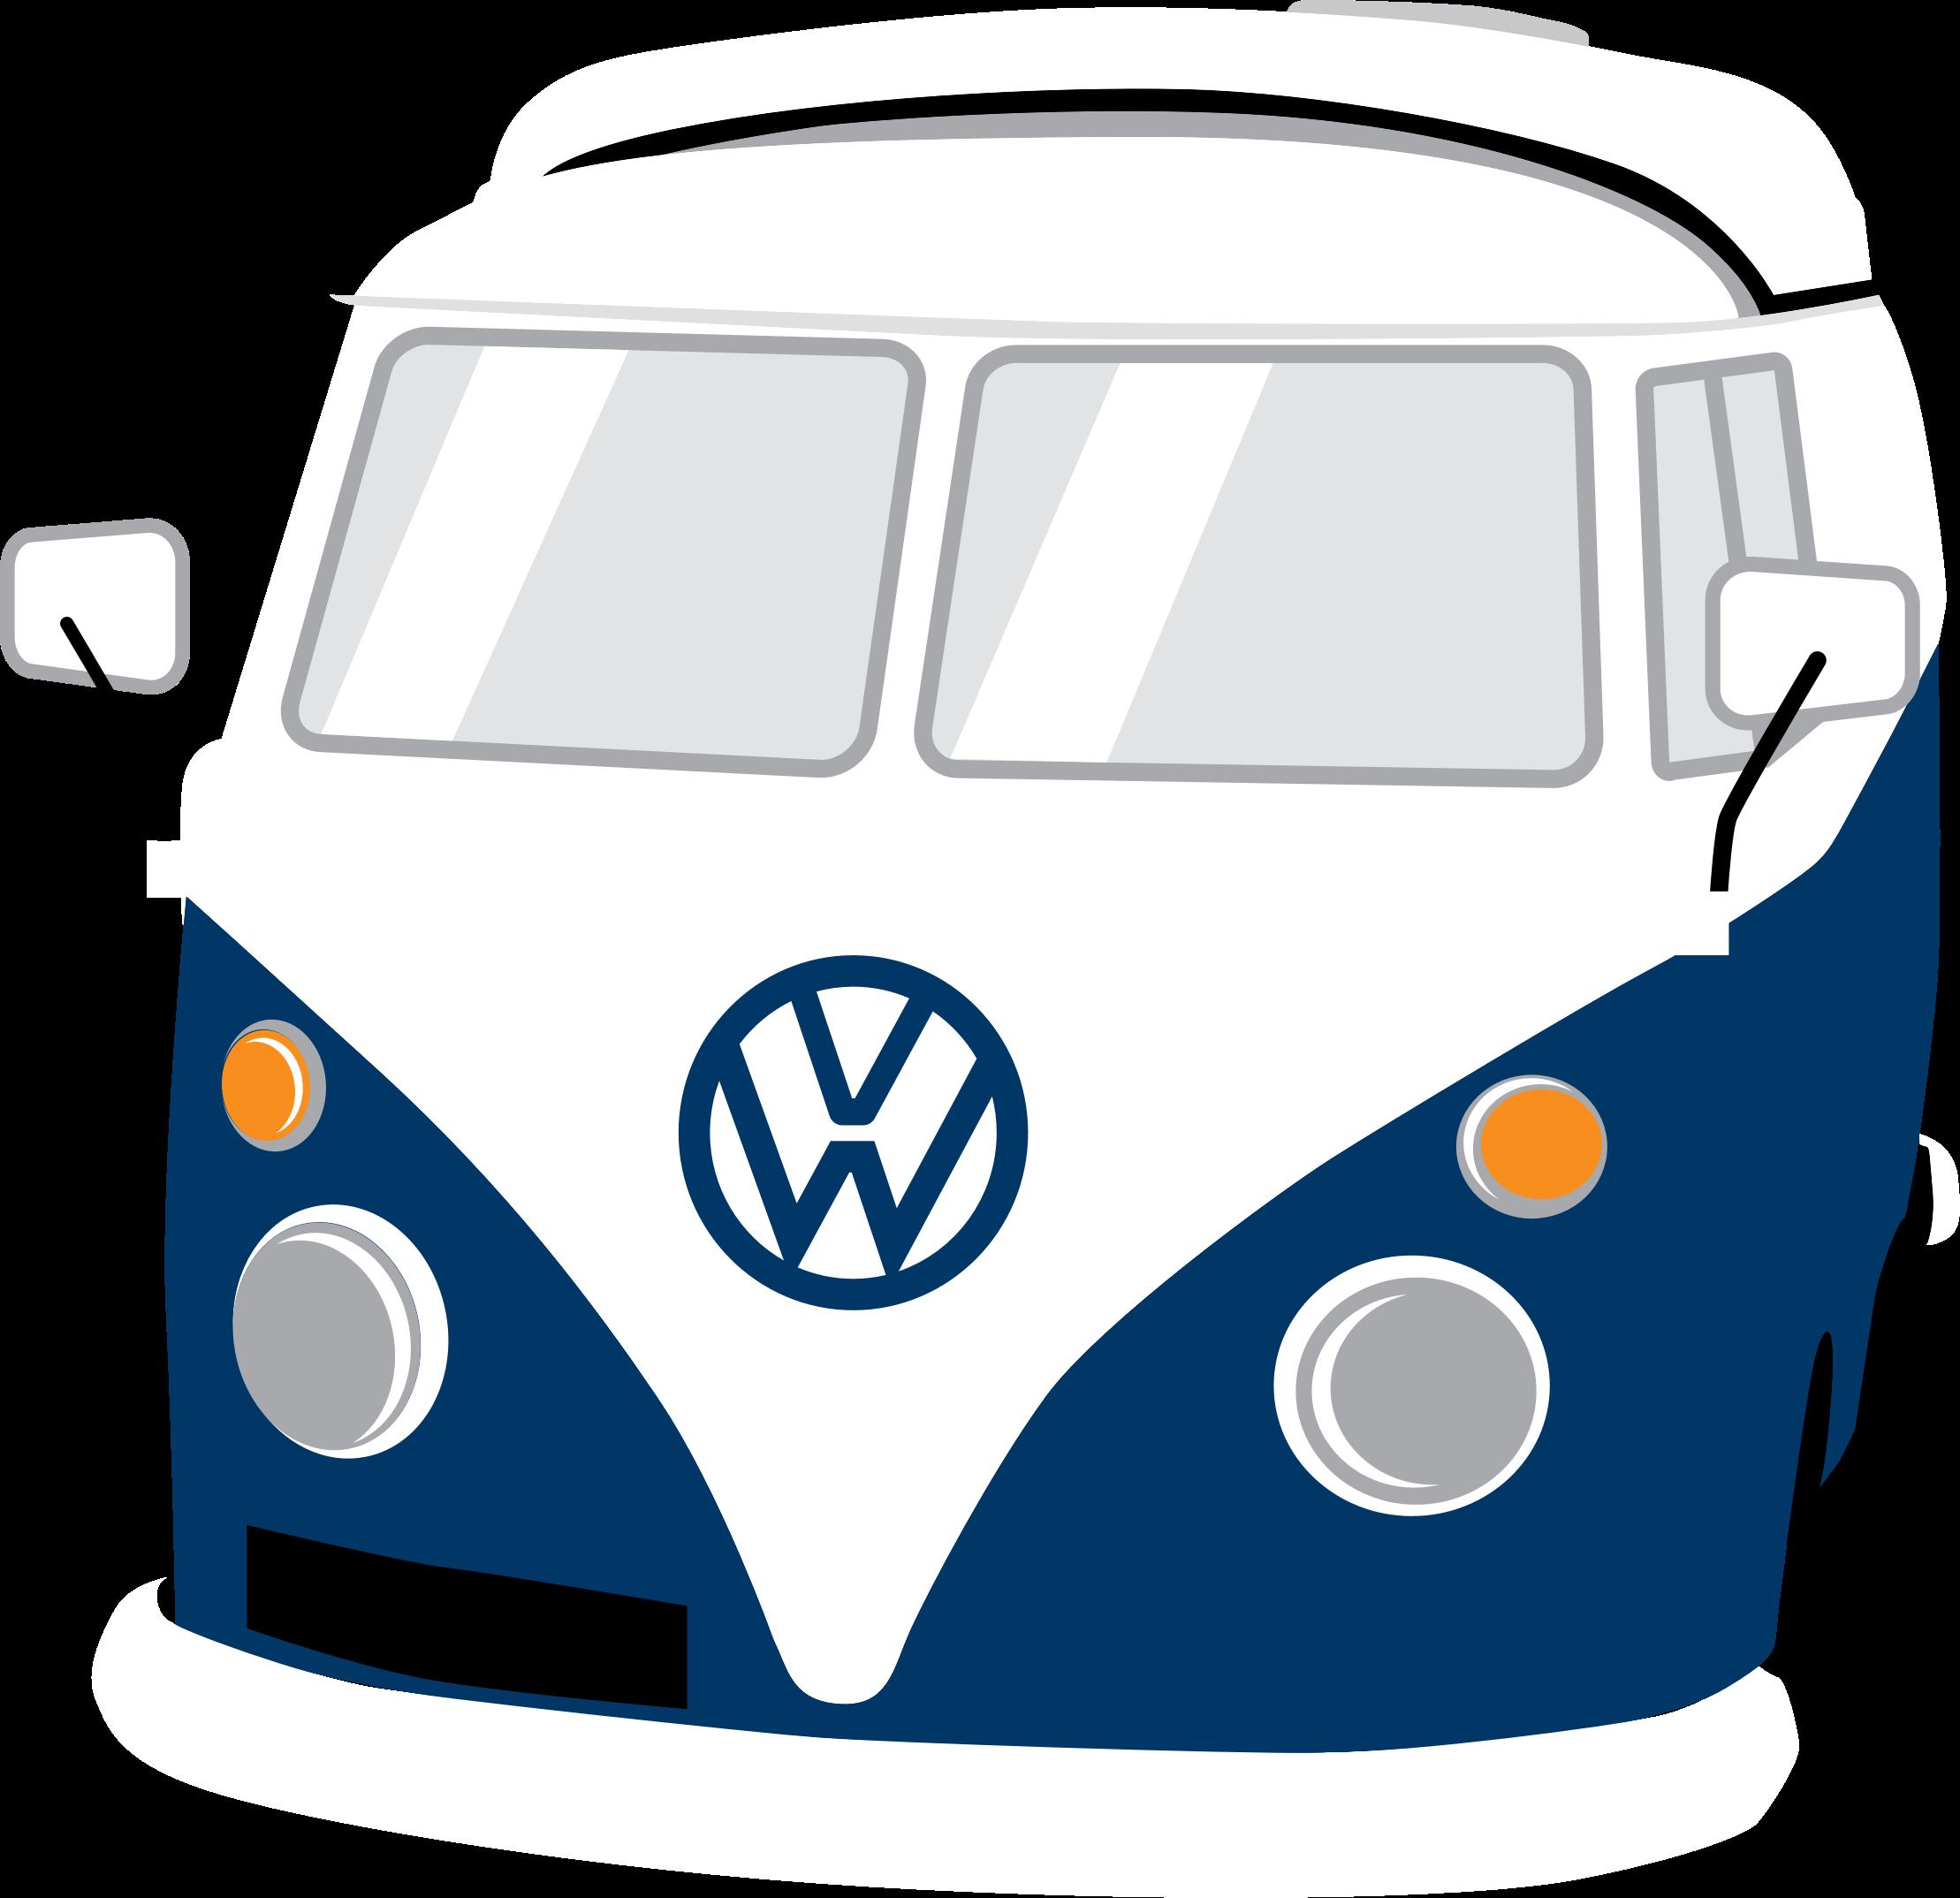 Clipart car beetle. Volkswagen big image png